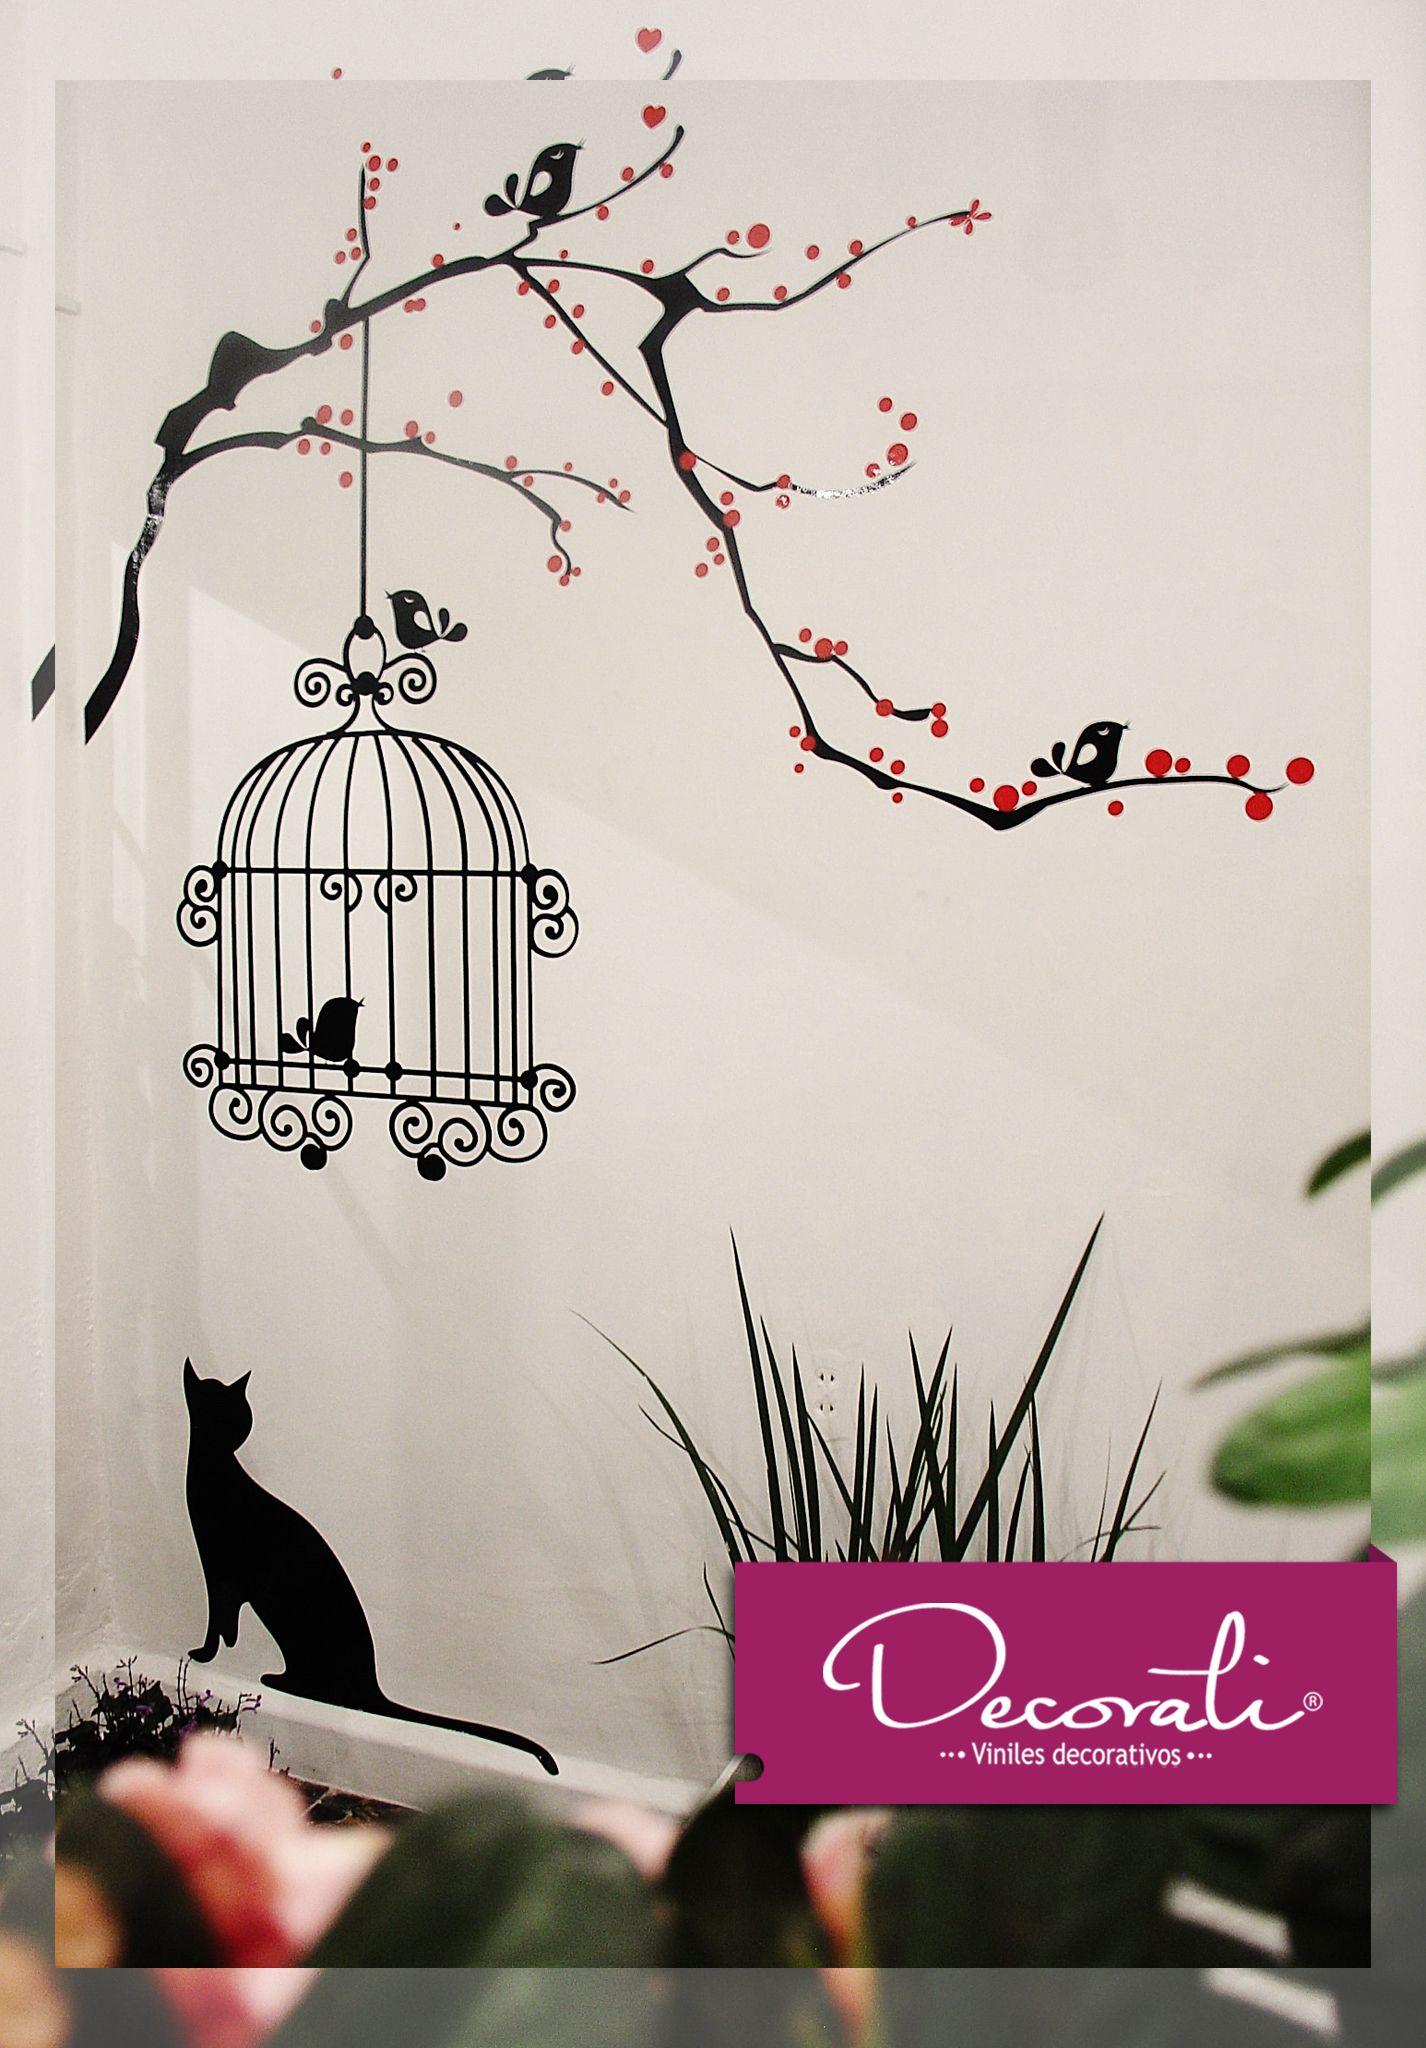 Decoraci n tienda de accesorios para el hogar decorati for Accesorios decorativos para el hogar